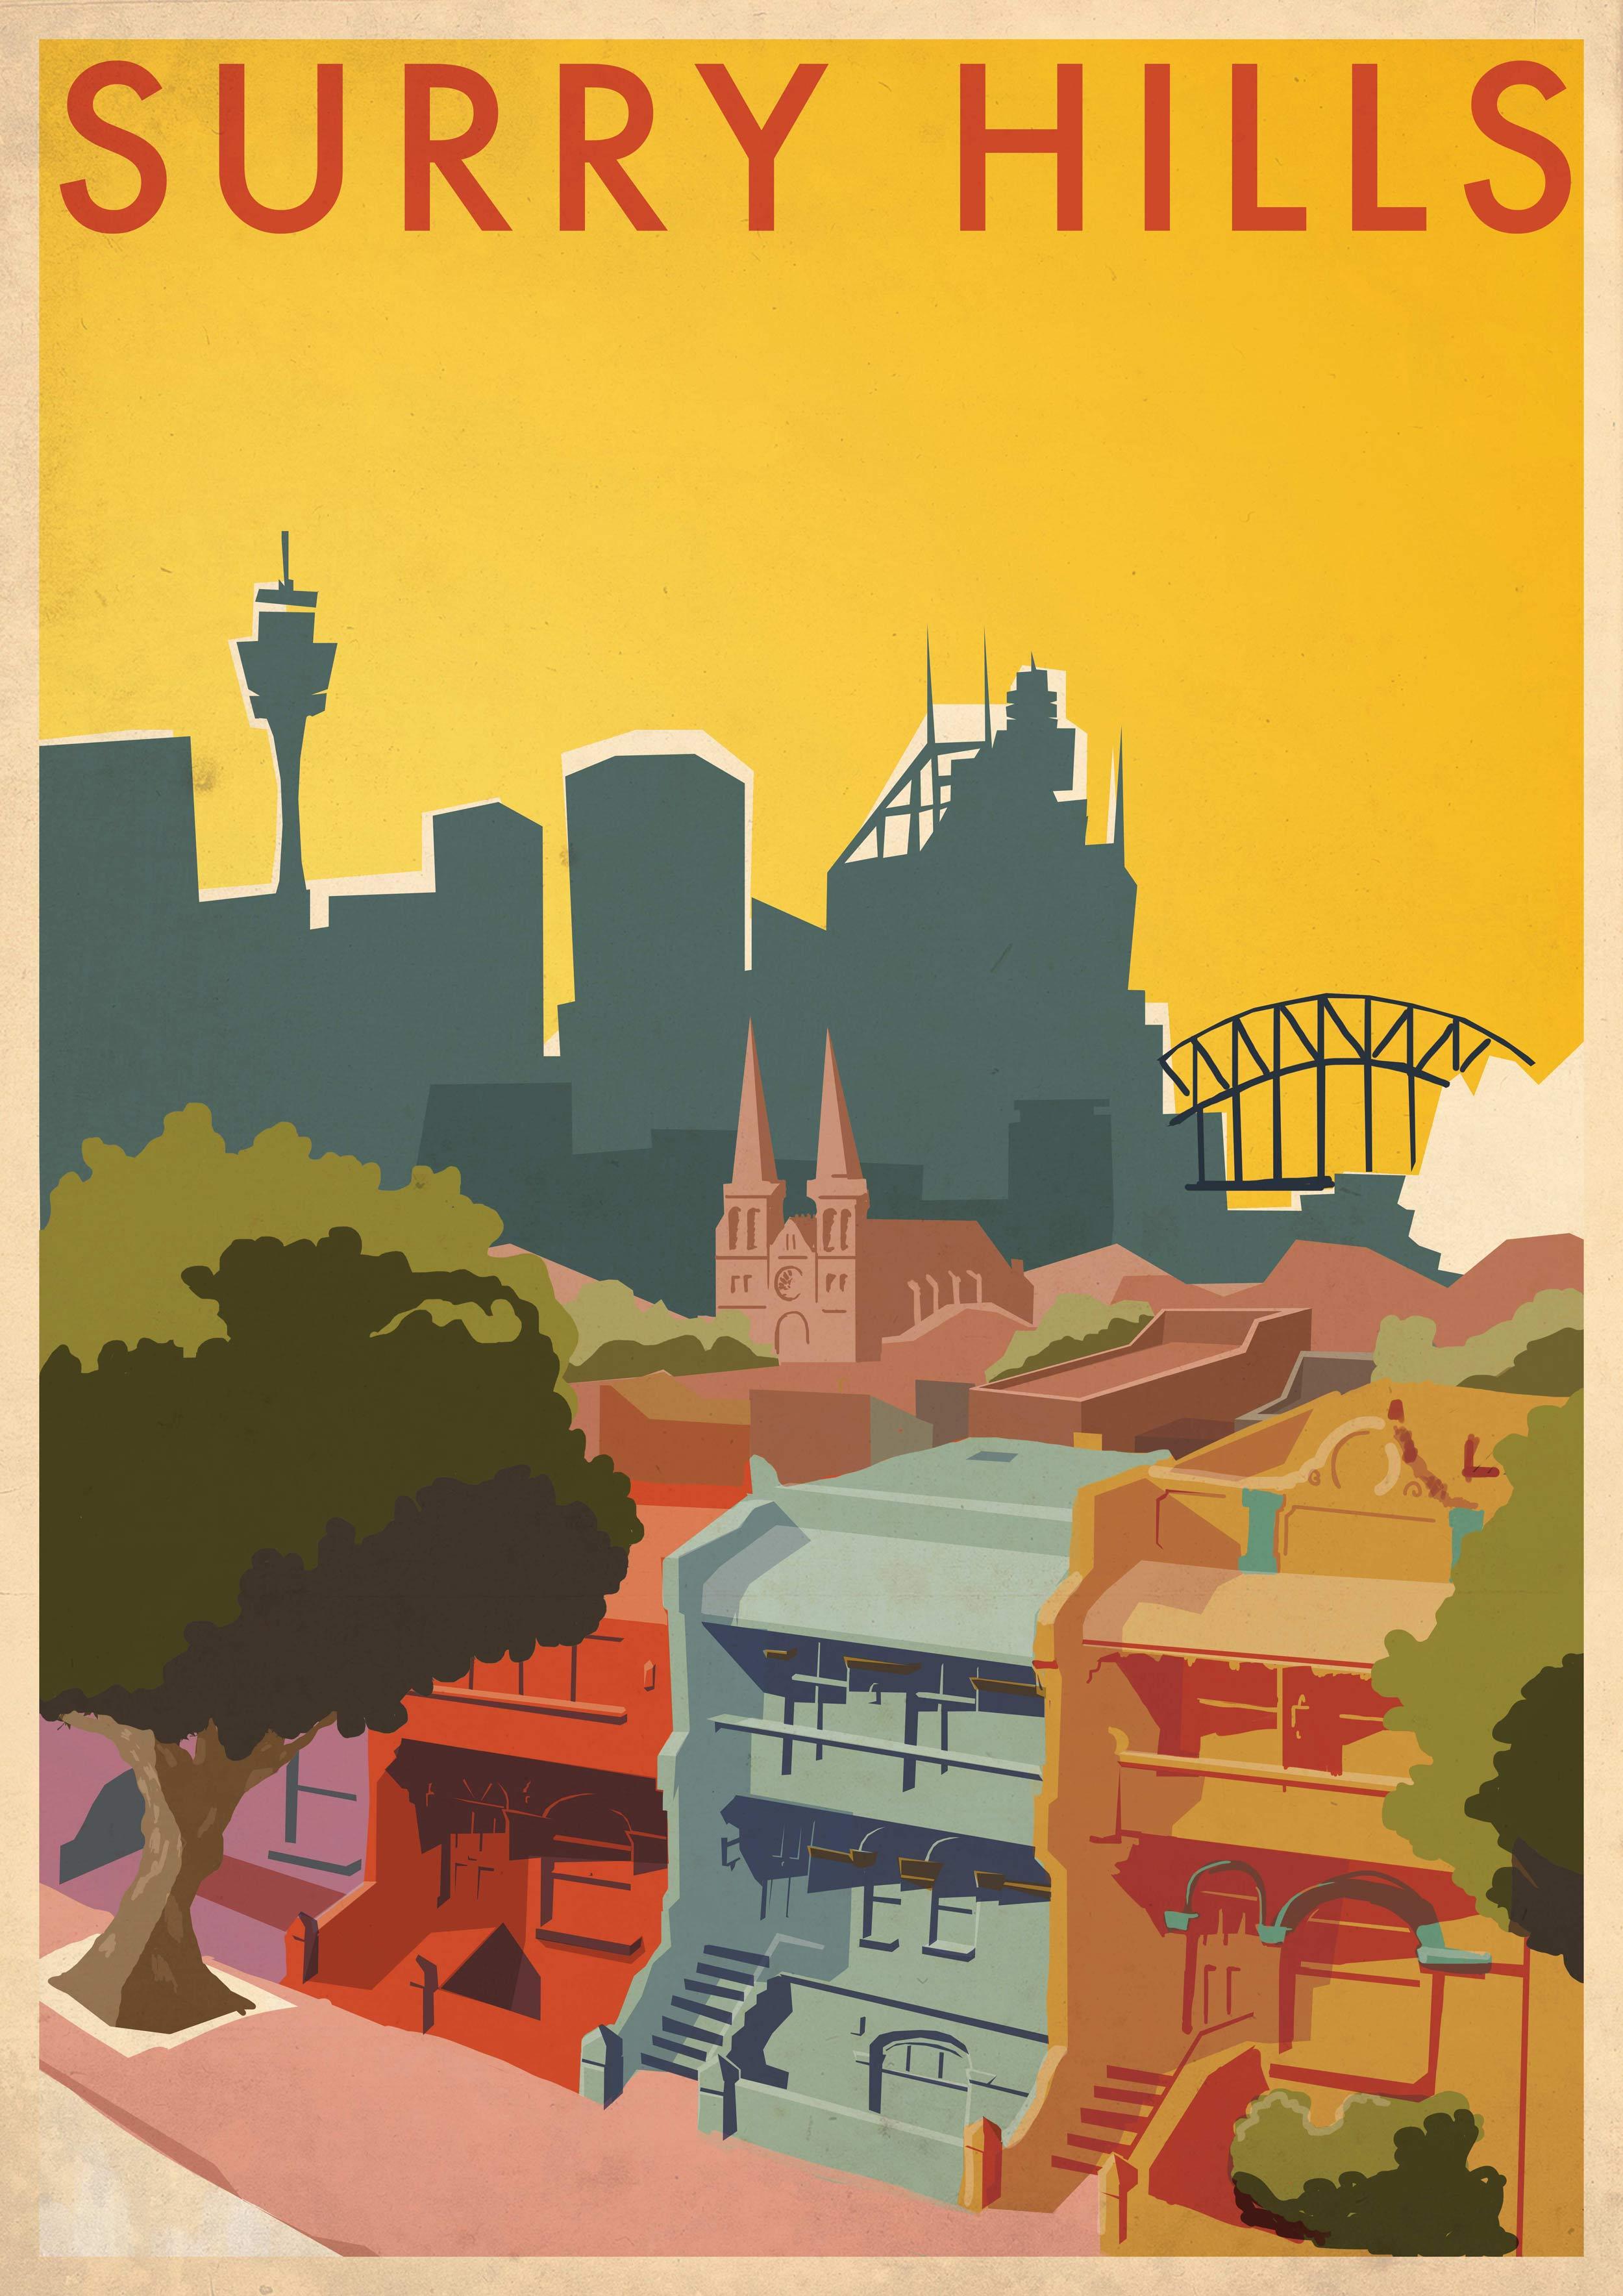 jeremy lord illustration sydney australia. Black Bedroom Furniture Sets. Home Design Ideas